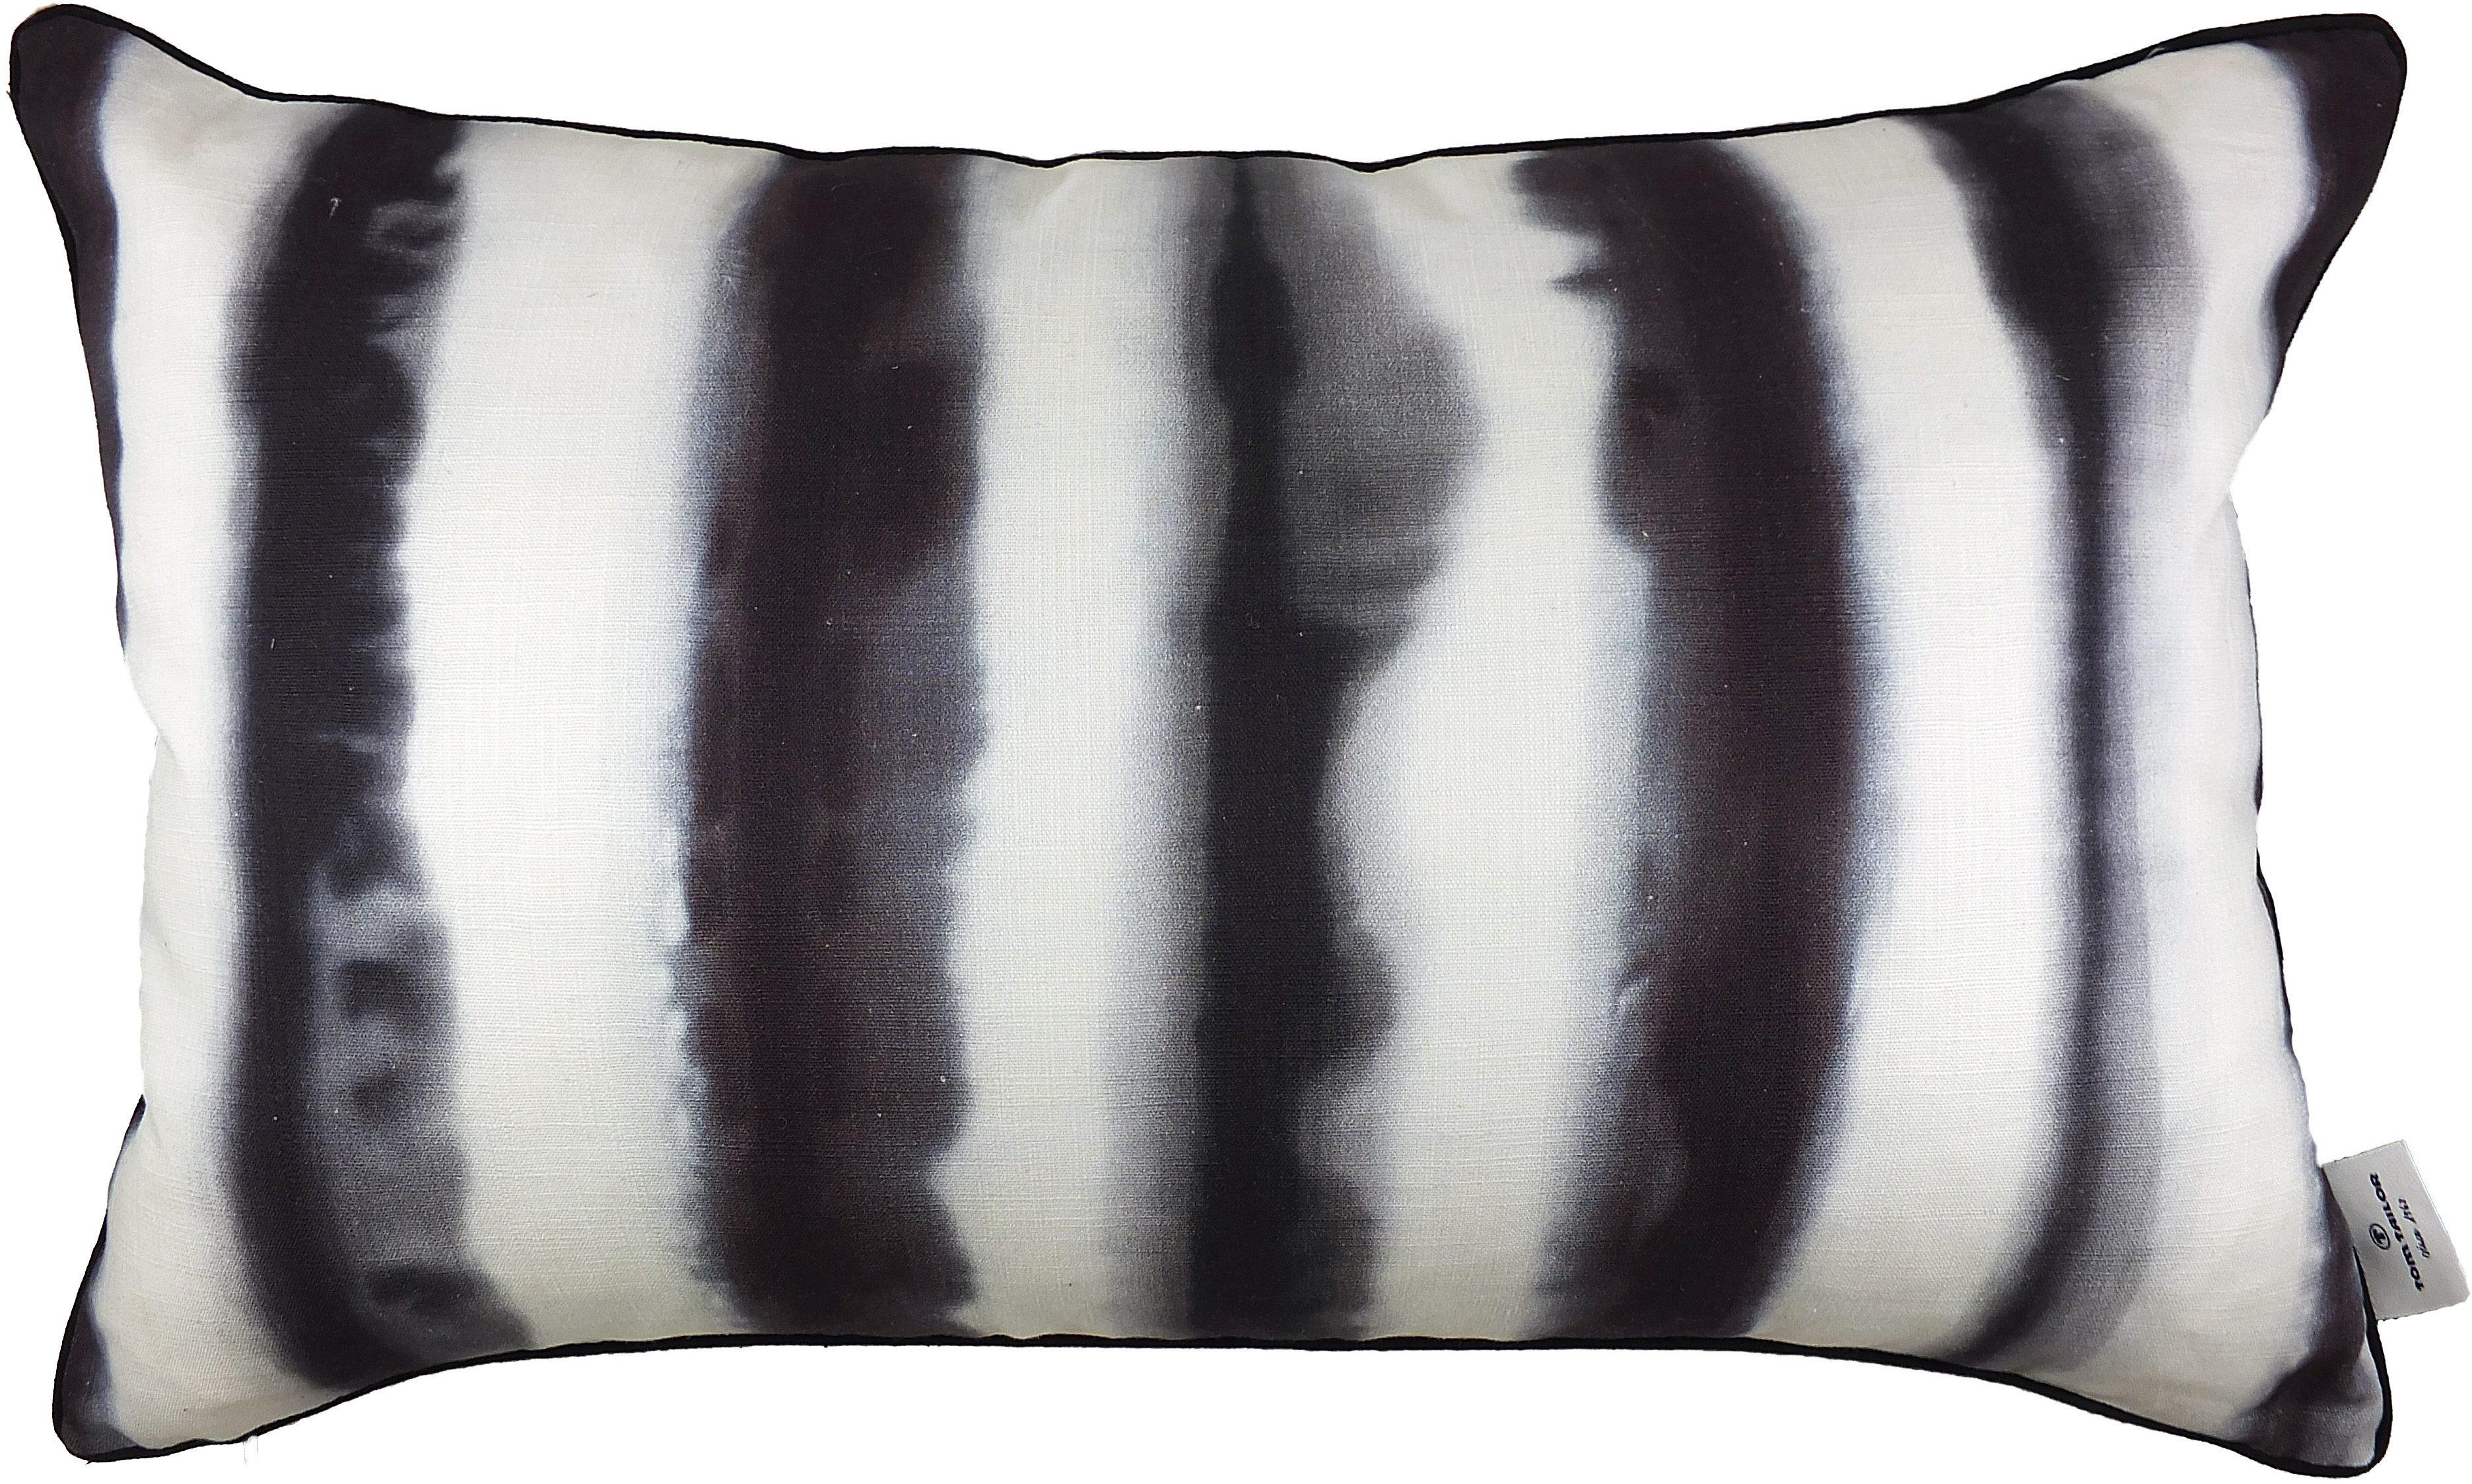 Kissenhüllen, Tom tailor, »Zebra« (1 Stück)